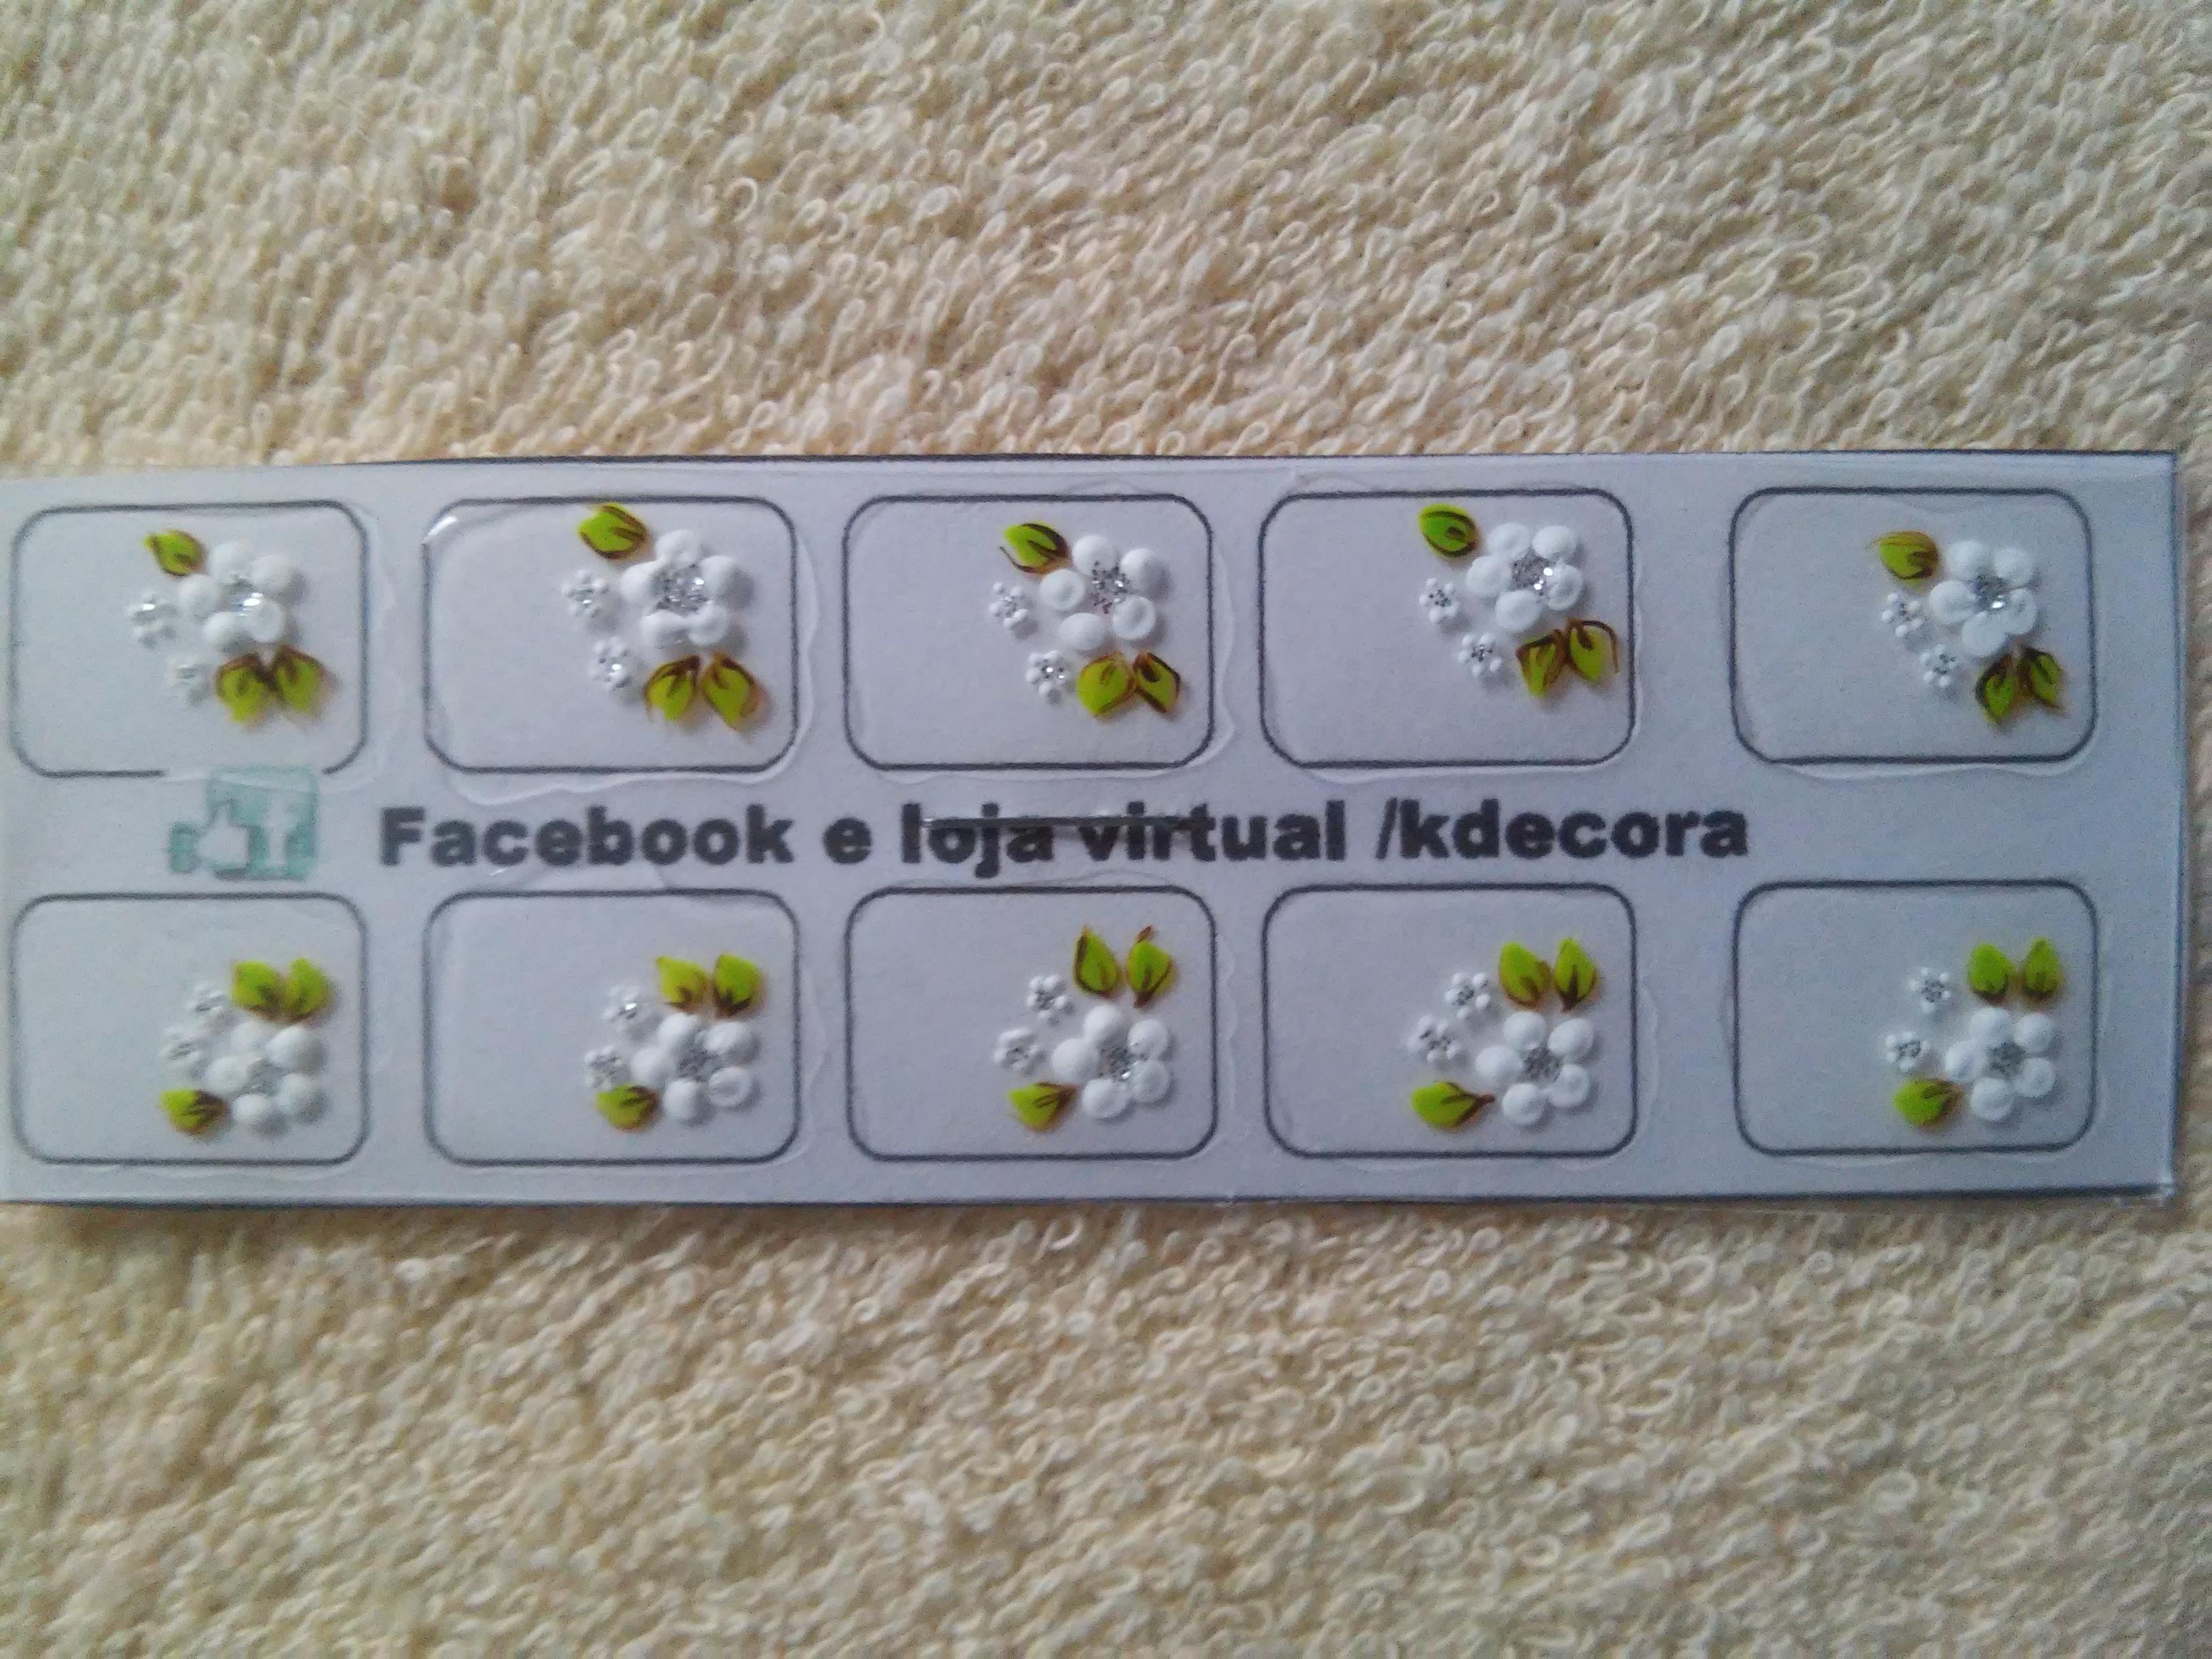 decorar unha branca:flor branca flores brancas unhas decoradas adesivos artesanais